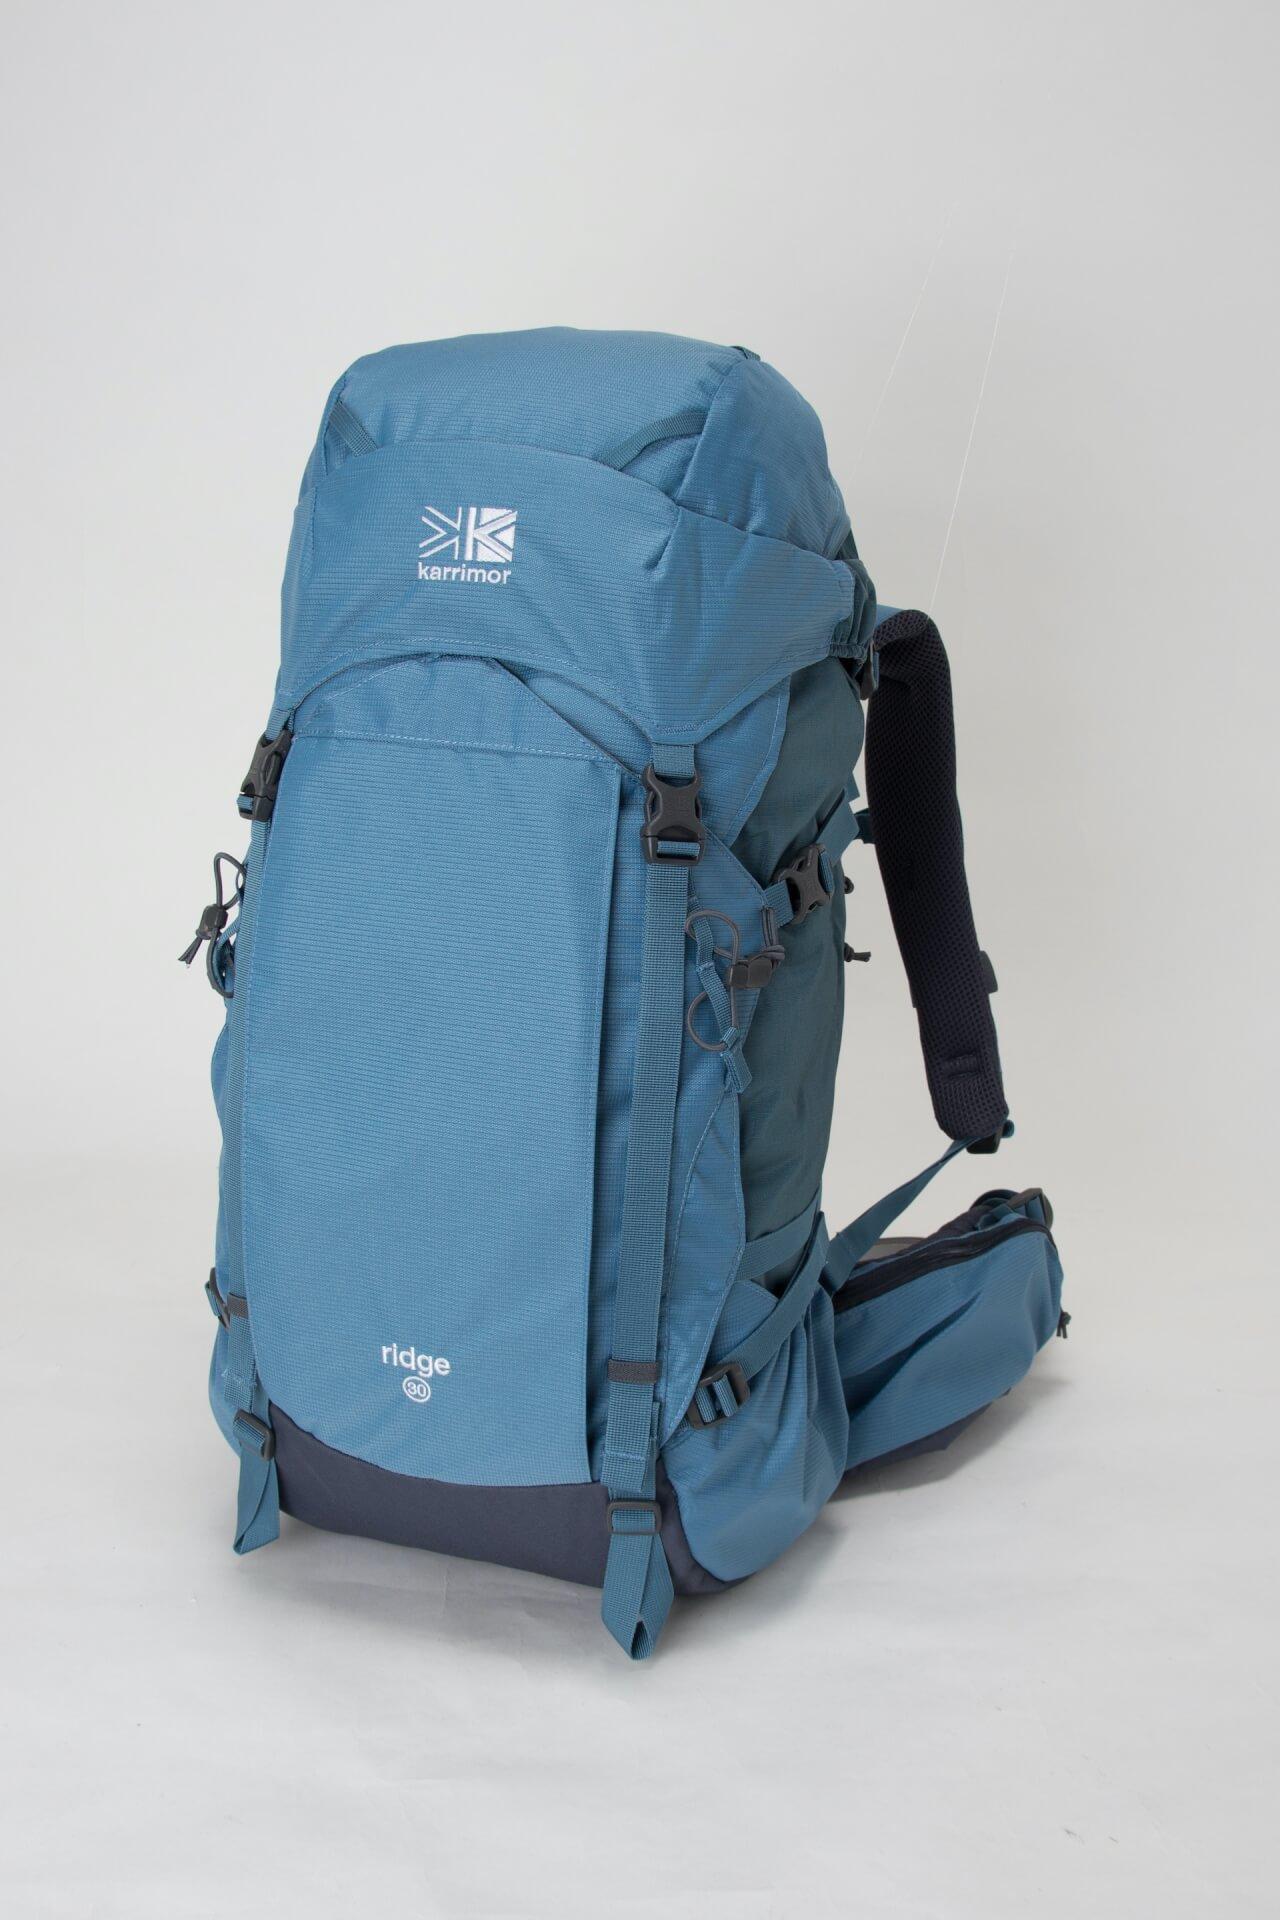 karrimorが山行きをサポートする取り組み<ridge project -山とともに- >を始動!リュックサック「ridge」が期間限定値下げ Fashion210628_ridge5